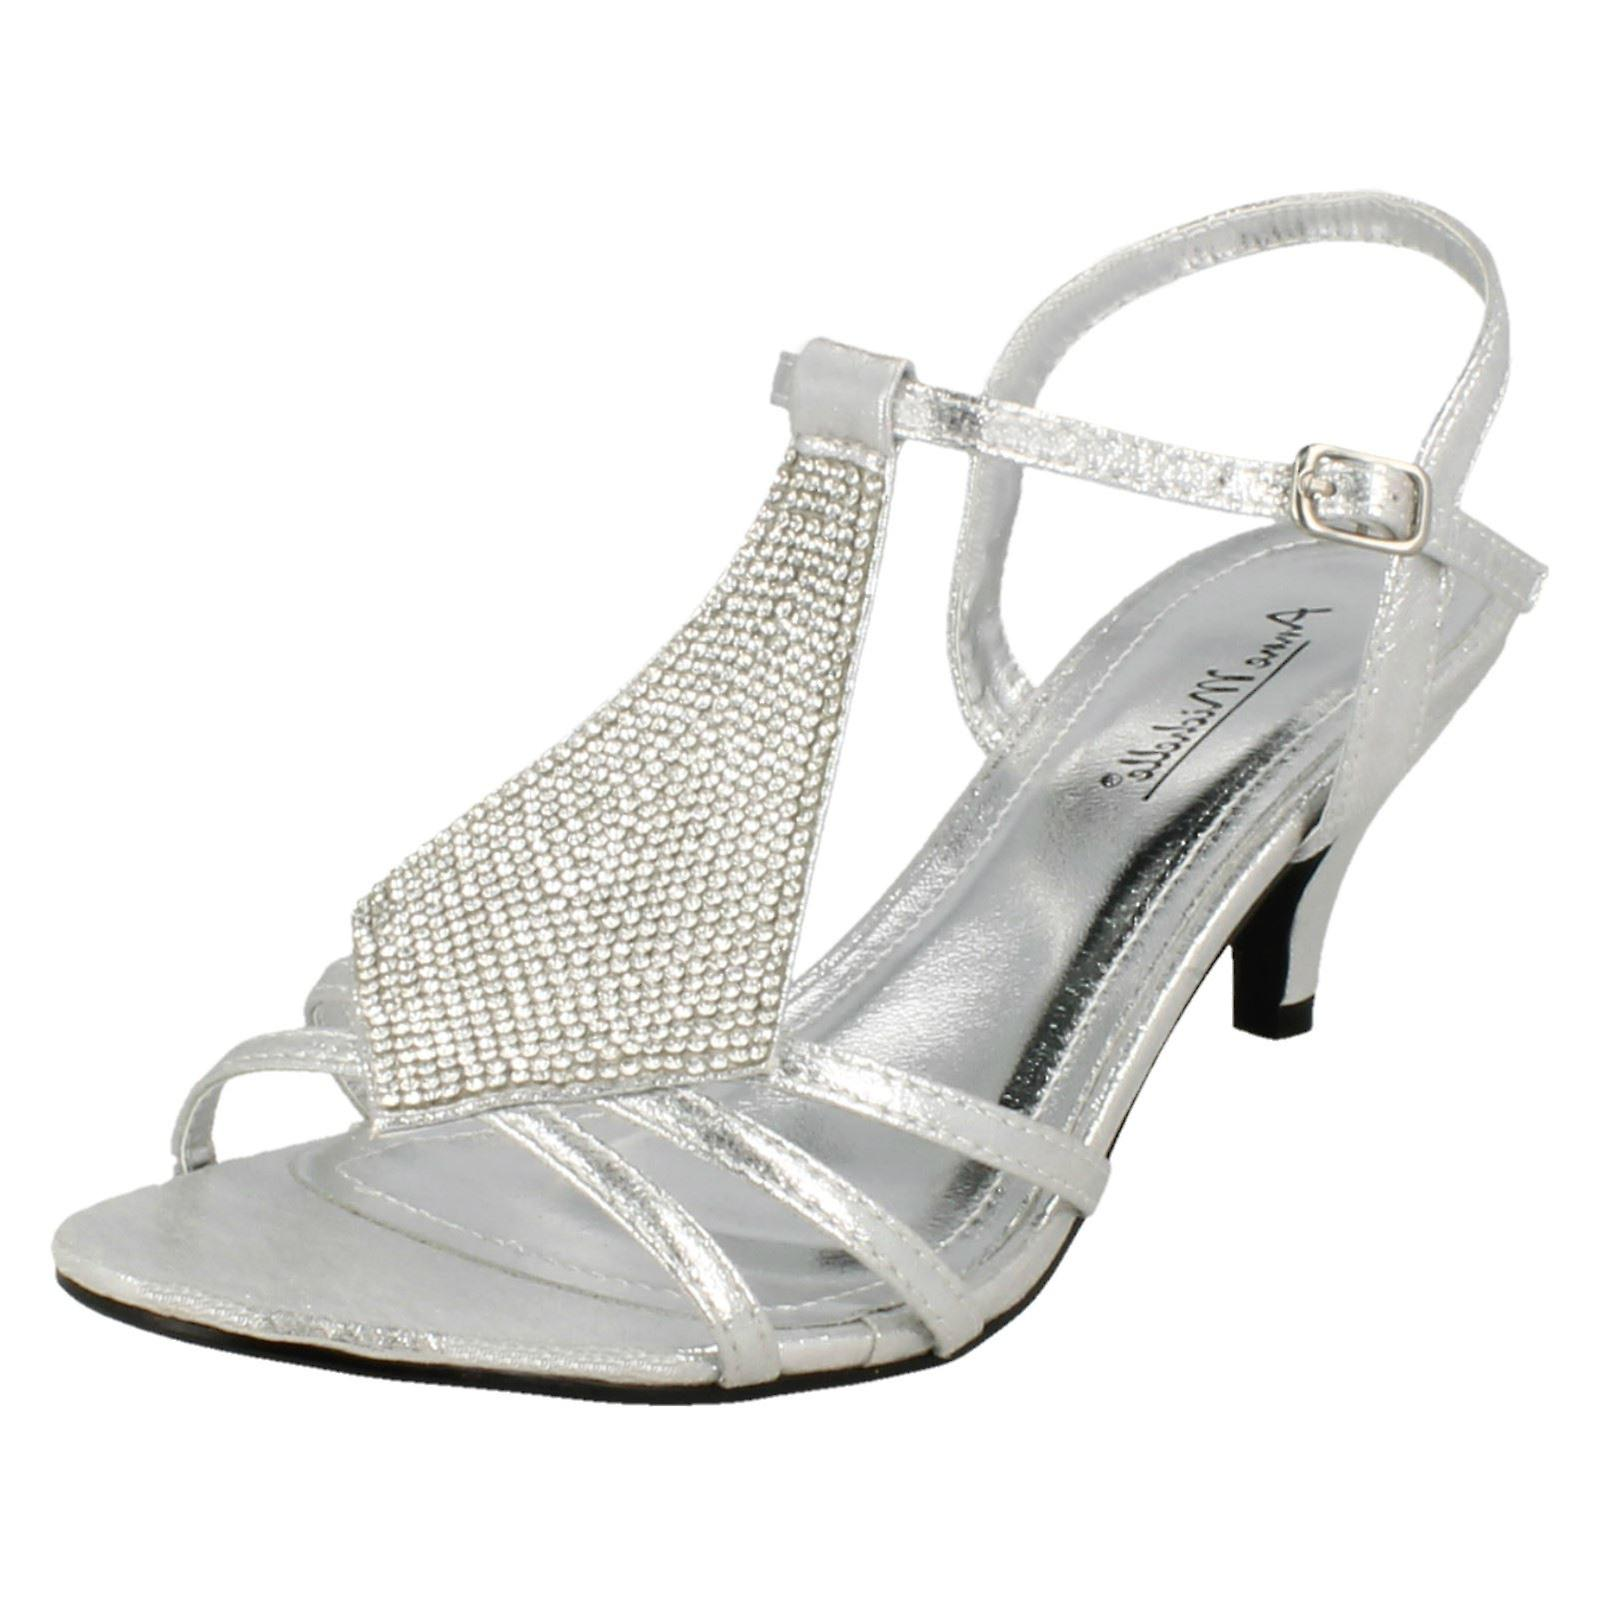 Ladies Anne Michelle Mid Kitten Heel Diamante Sandals F10652